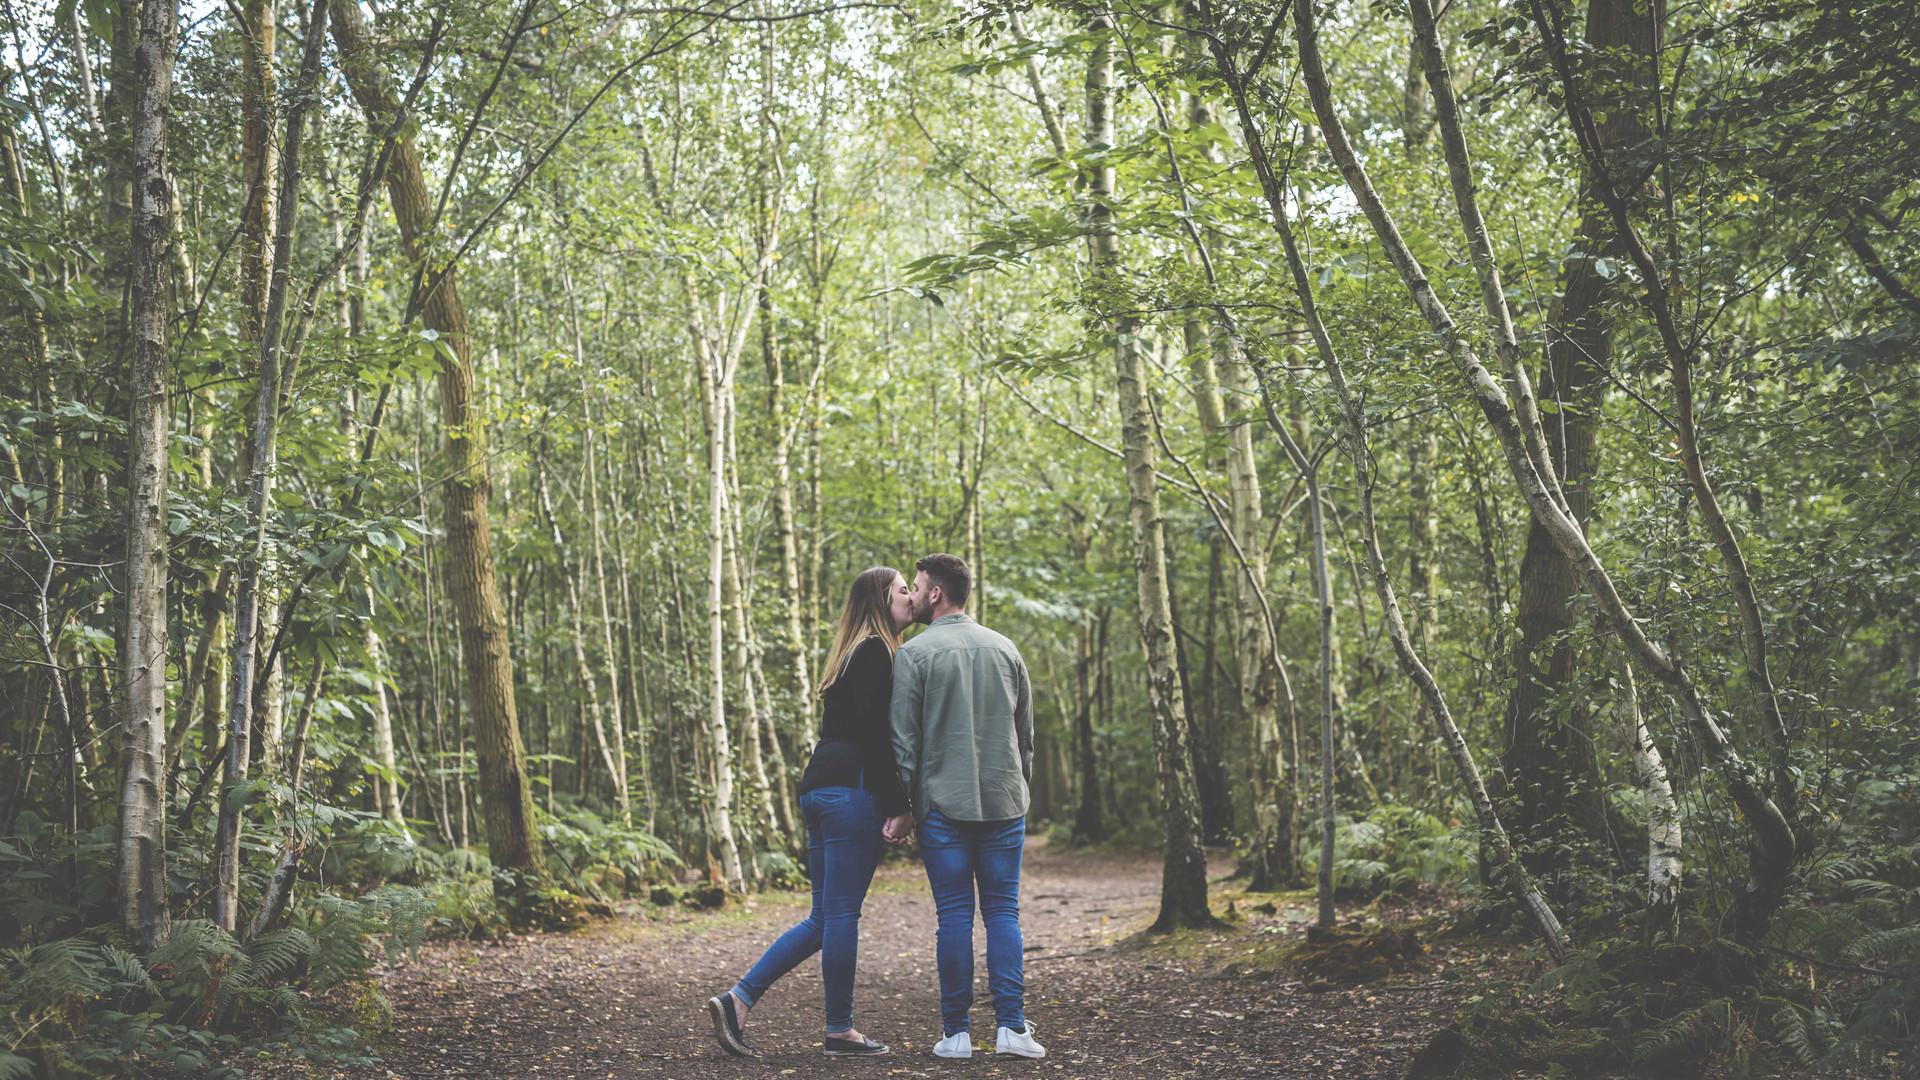 Beth&Sam_0040.jpg